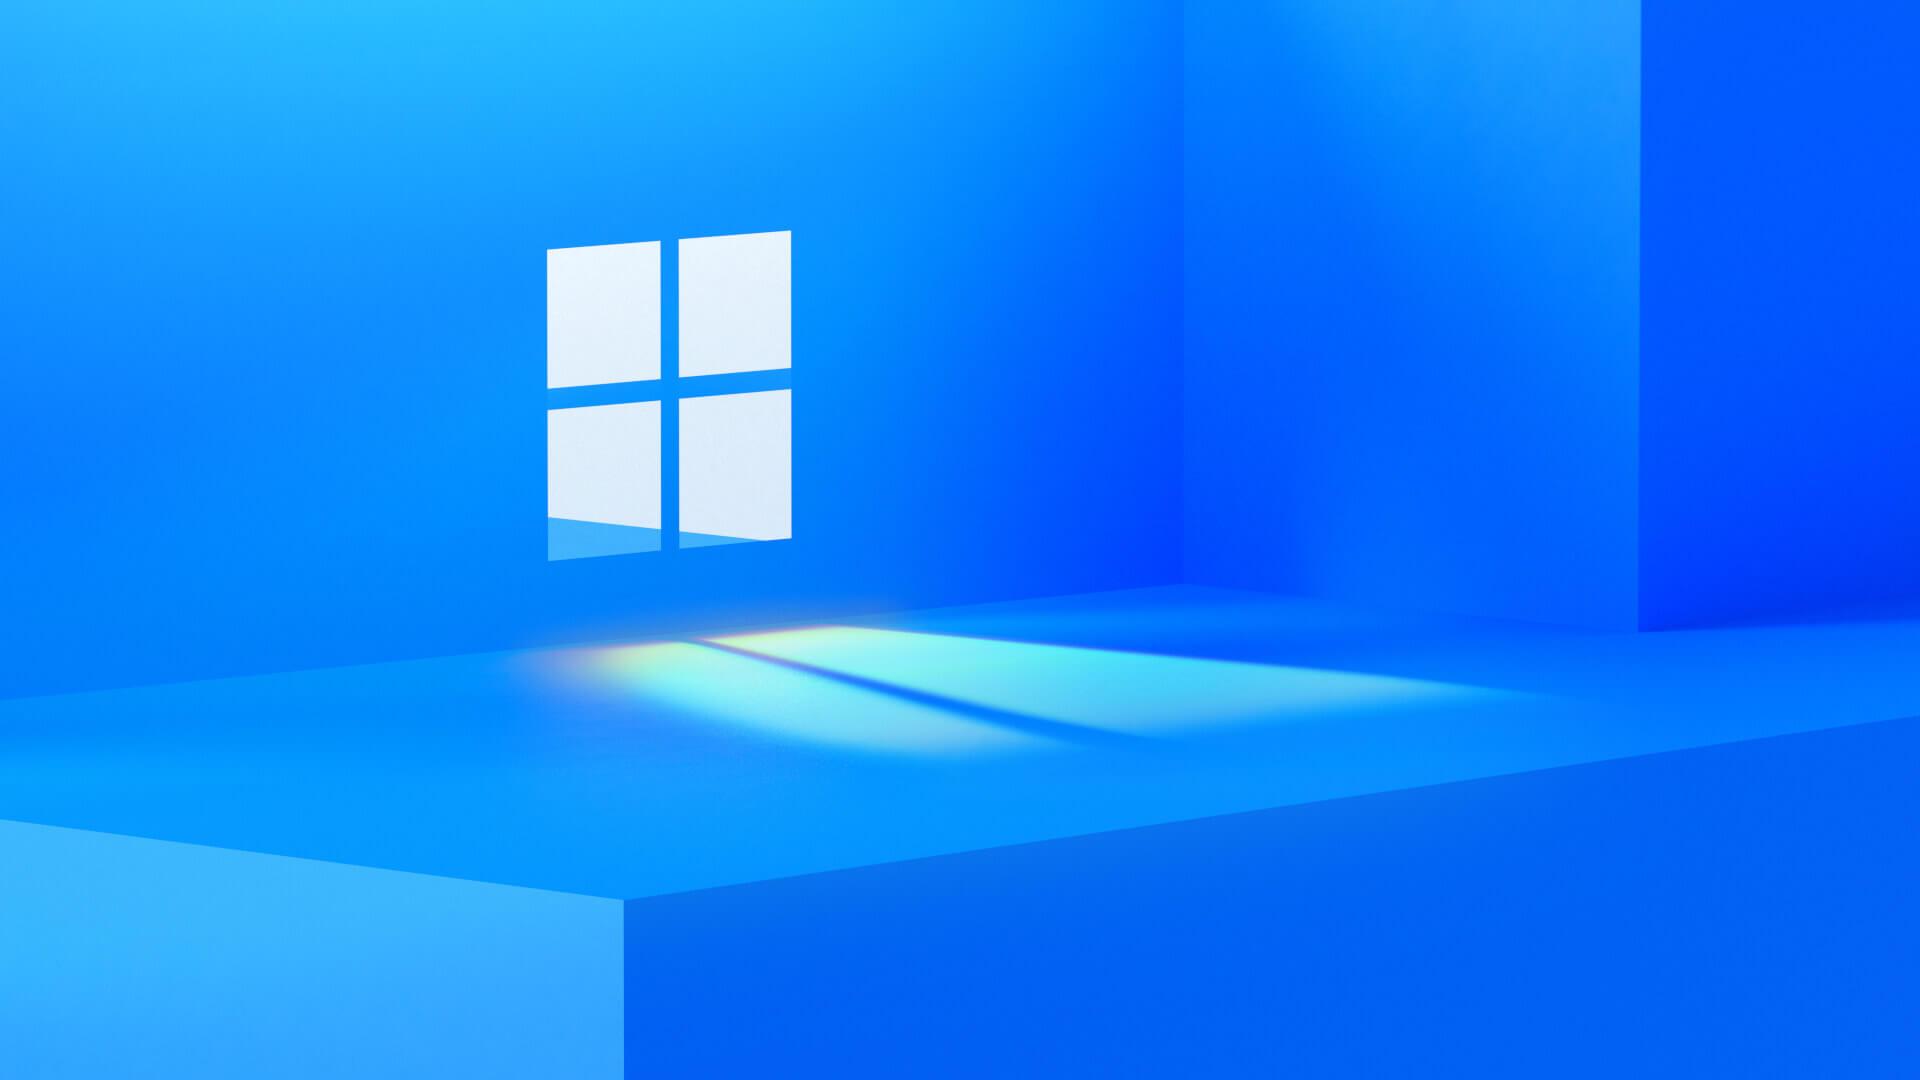 Live Desktop Wallpaper Live Wallpapers For Windows 10 Moving Background Or 3d Animation For Desktop Pc Laptop Notebook Or Tablet Download All Cool Desktop Background For Free